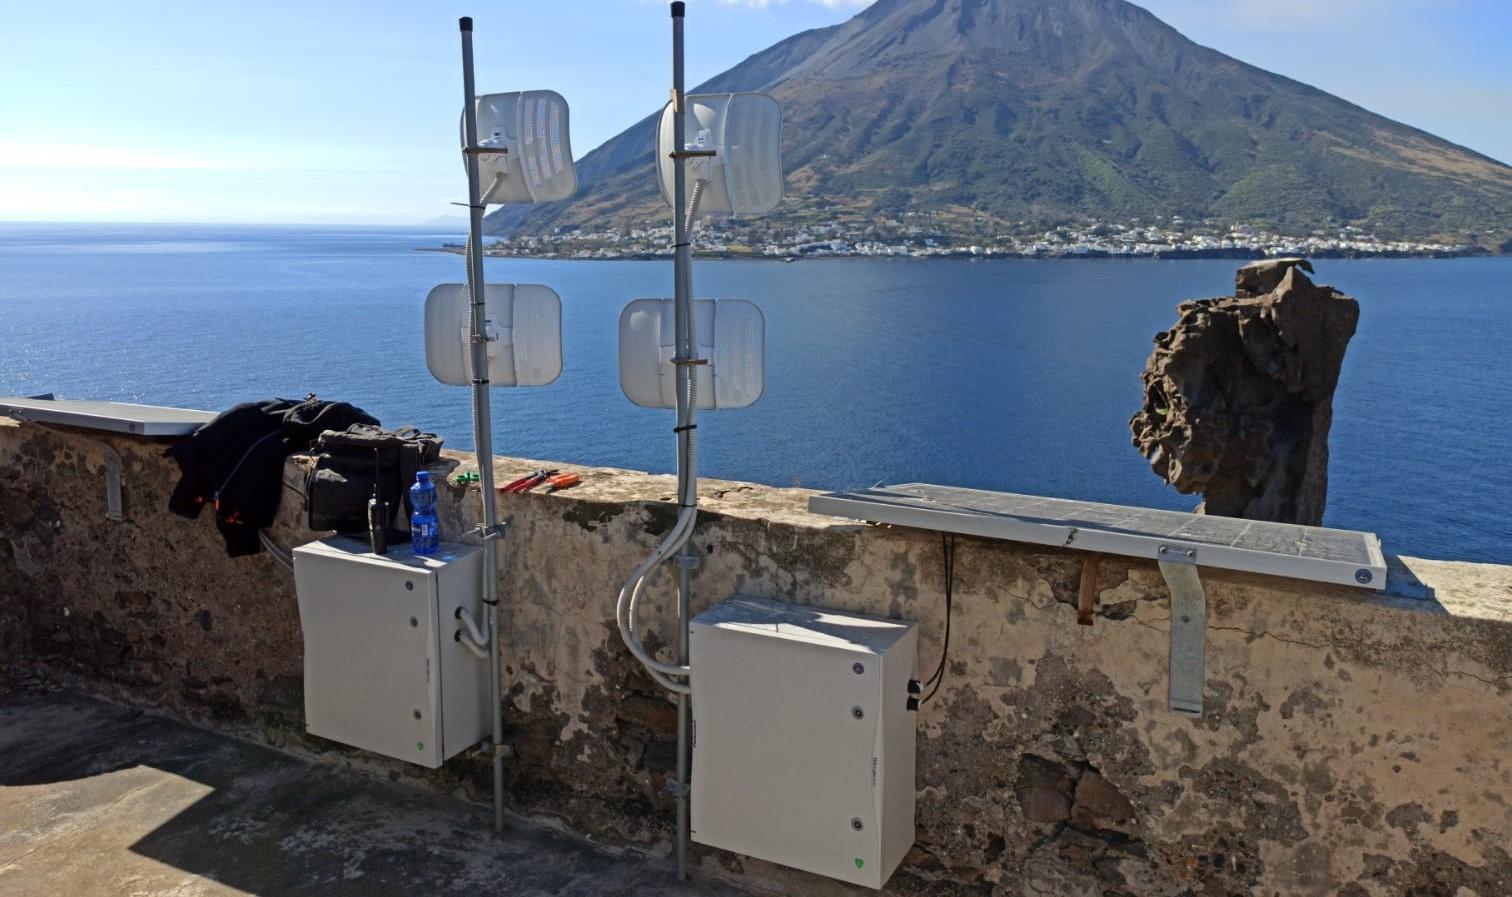 Stromboli: monitoraggio del vulcano più efficiente. Prosegue il potenziamento delle reti infrastrutturali